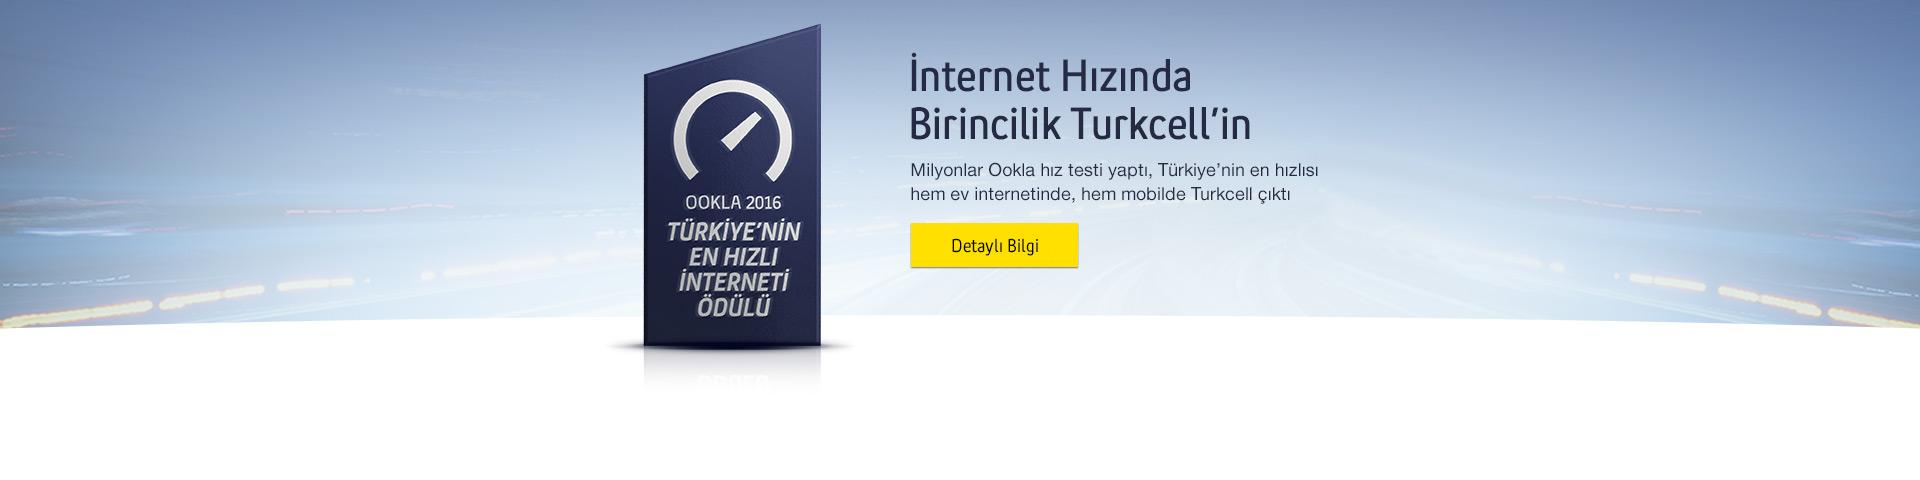 İnternet hızında birincilik Turkcell'in - Milyonlar ookla hız testi yaptı, Türkiye'nin en hızlısı hem ev internetinde hem mobilde Turkcell çıktı